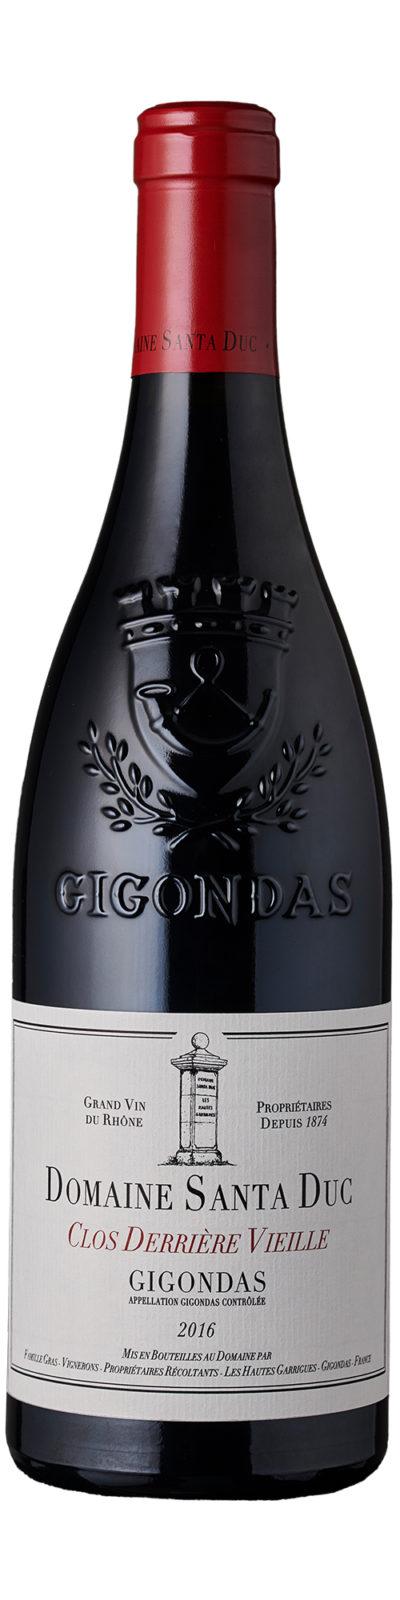 Gigondas Clos Derrière Vieille